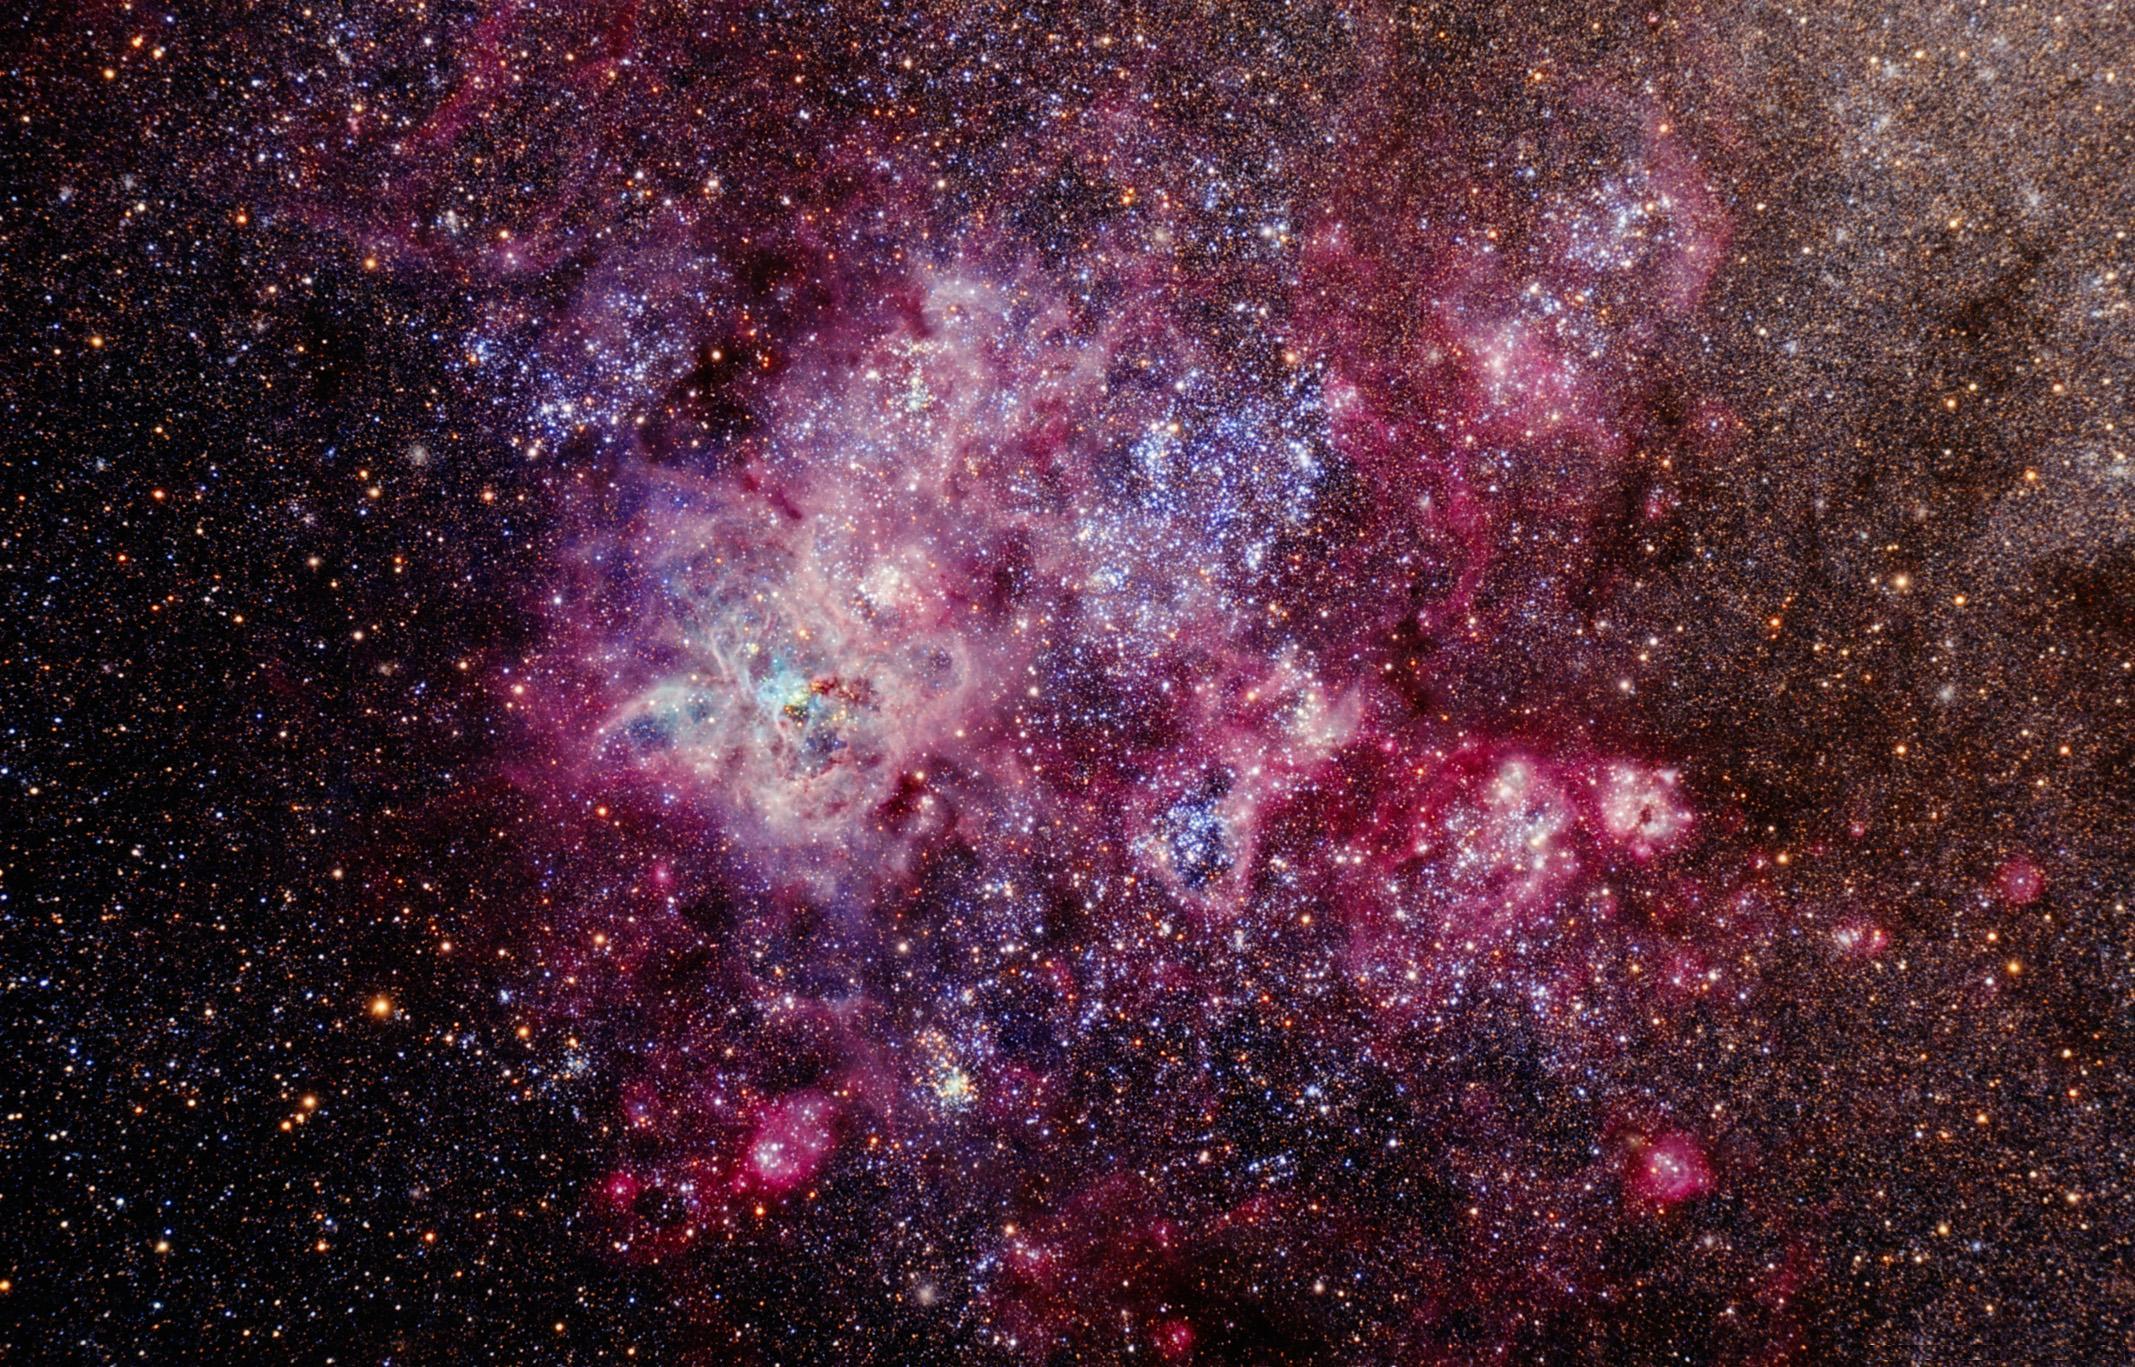 tarantula nebula wallpaper -#main